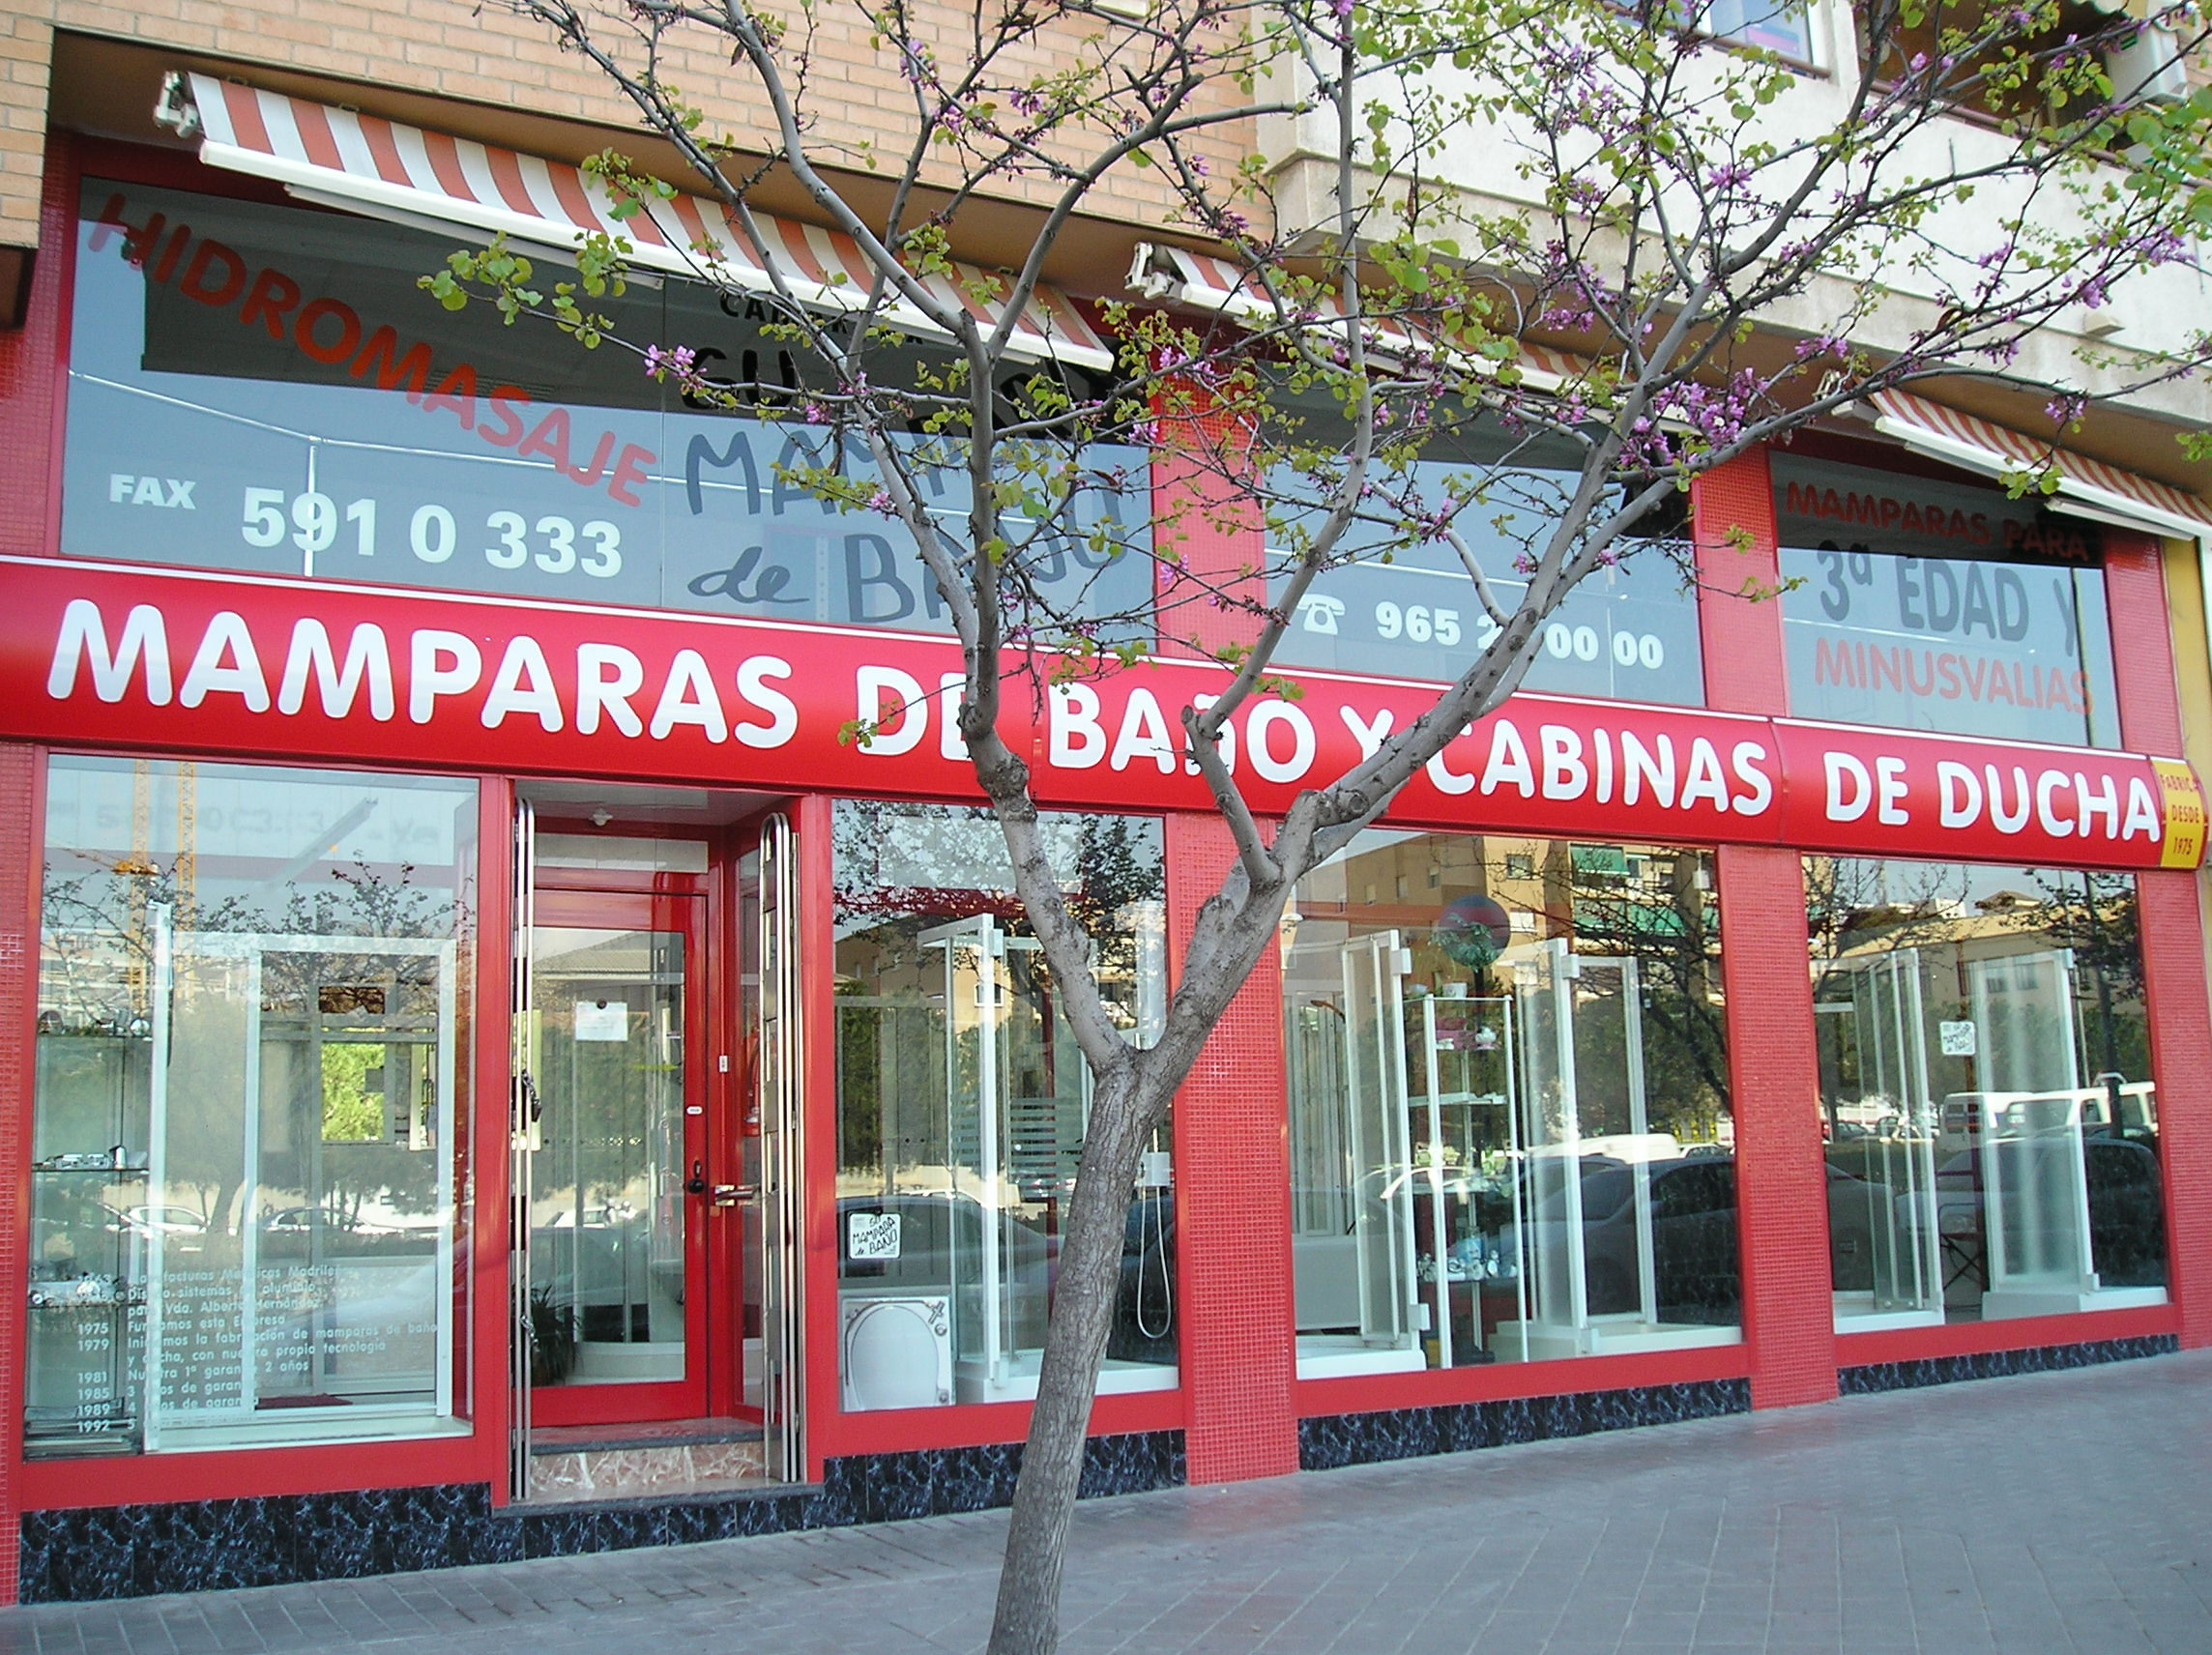 Mamparas De Ducha Alicante.Alicante Mamparas De Bano Camarbax